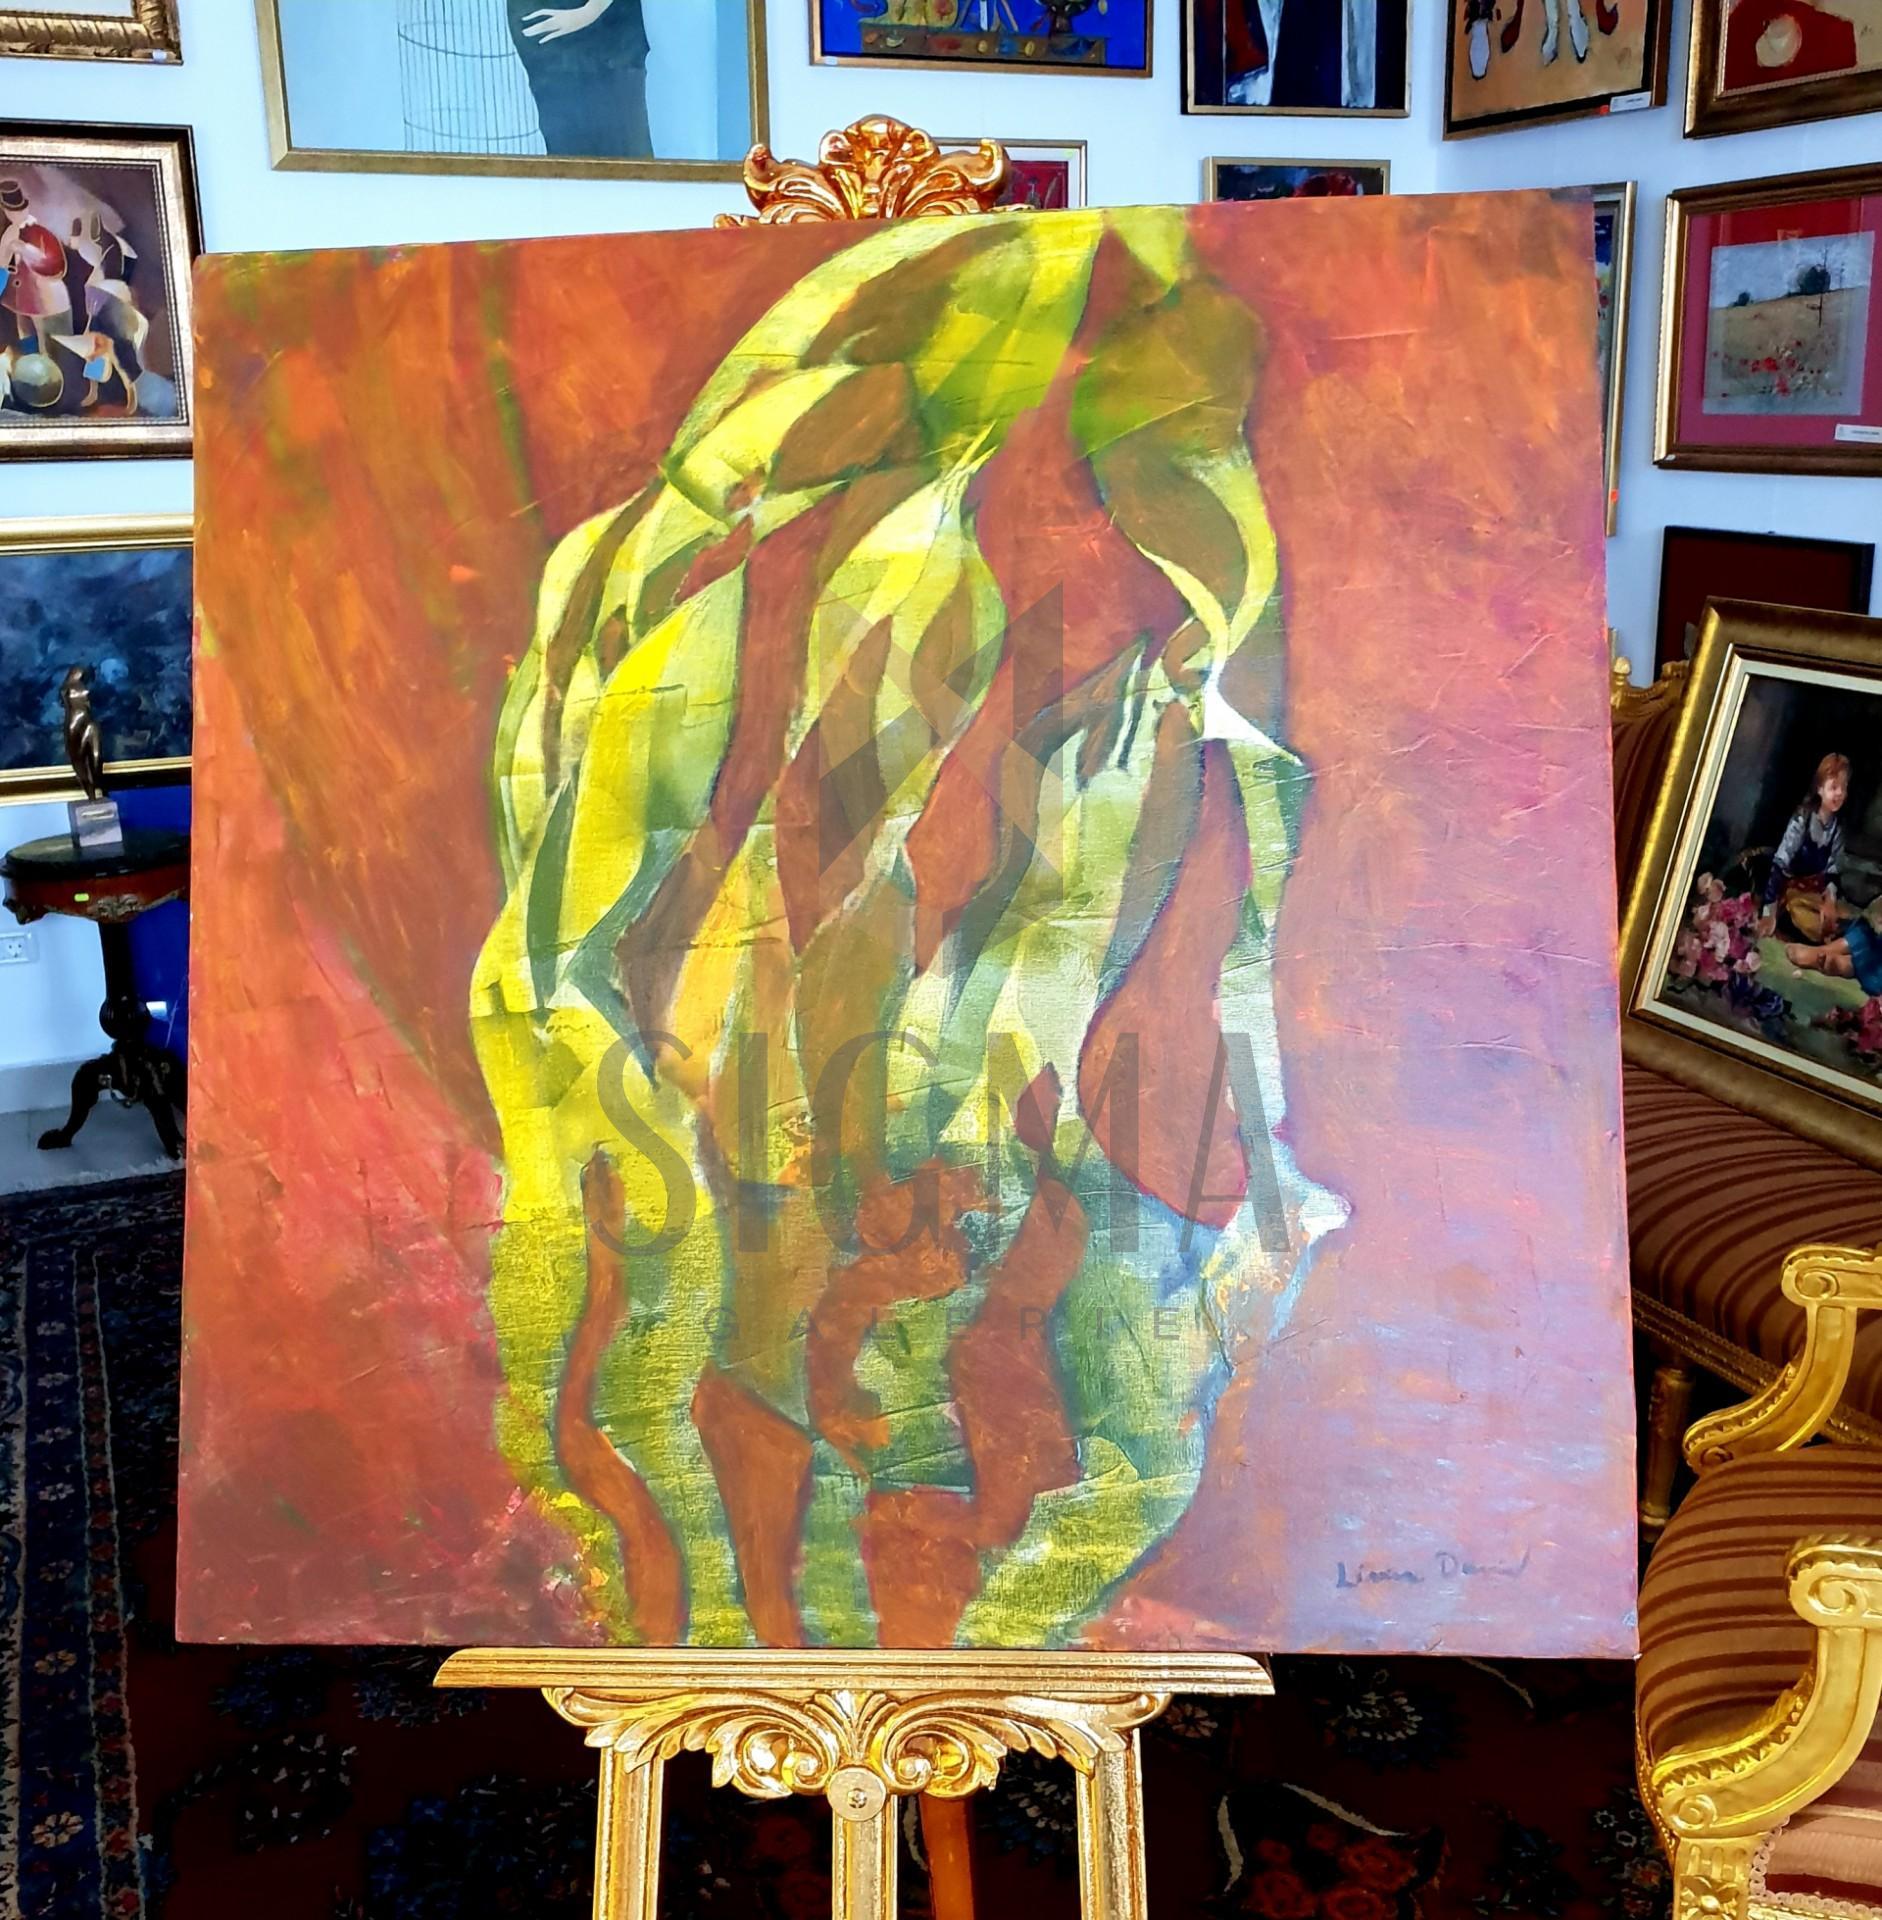 """Tablou, """" Unduiri armonice """" autor: Liviu David, ulei pe panza, dim: 84 x 84 cm"""